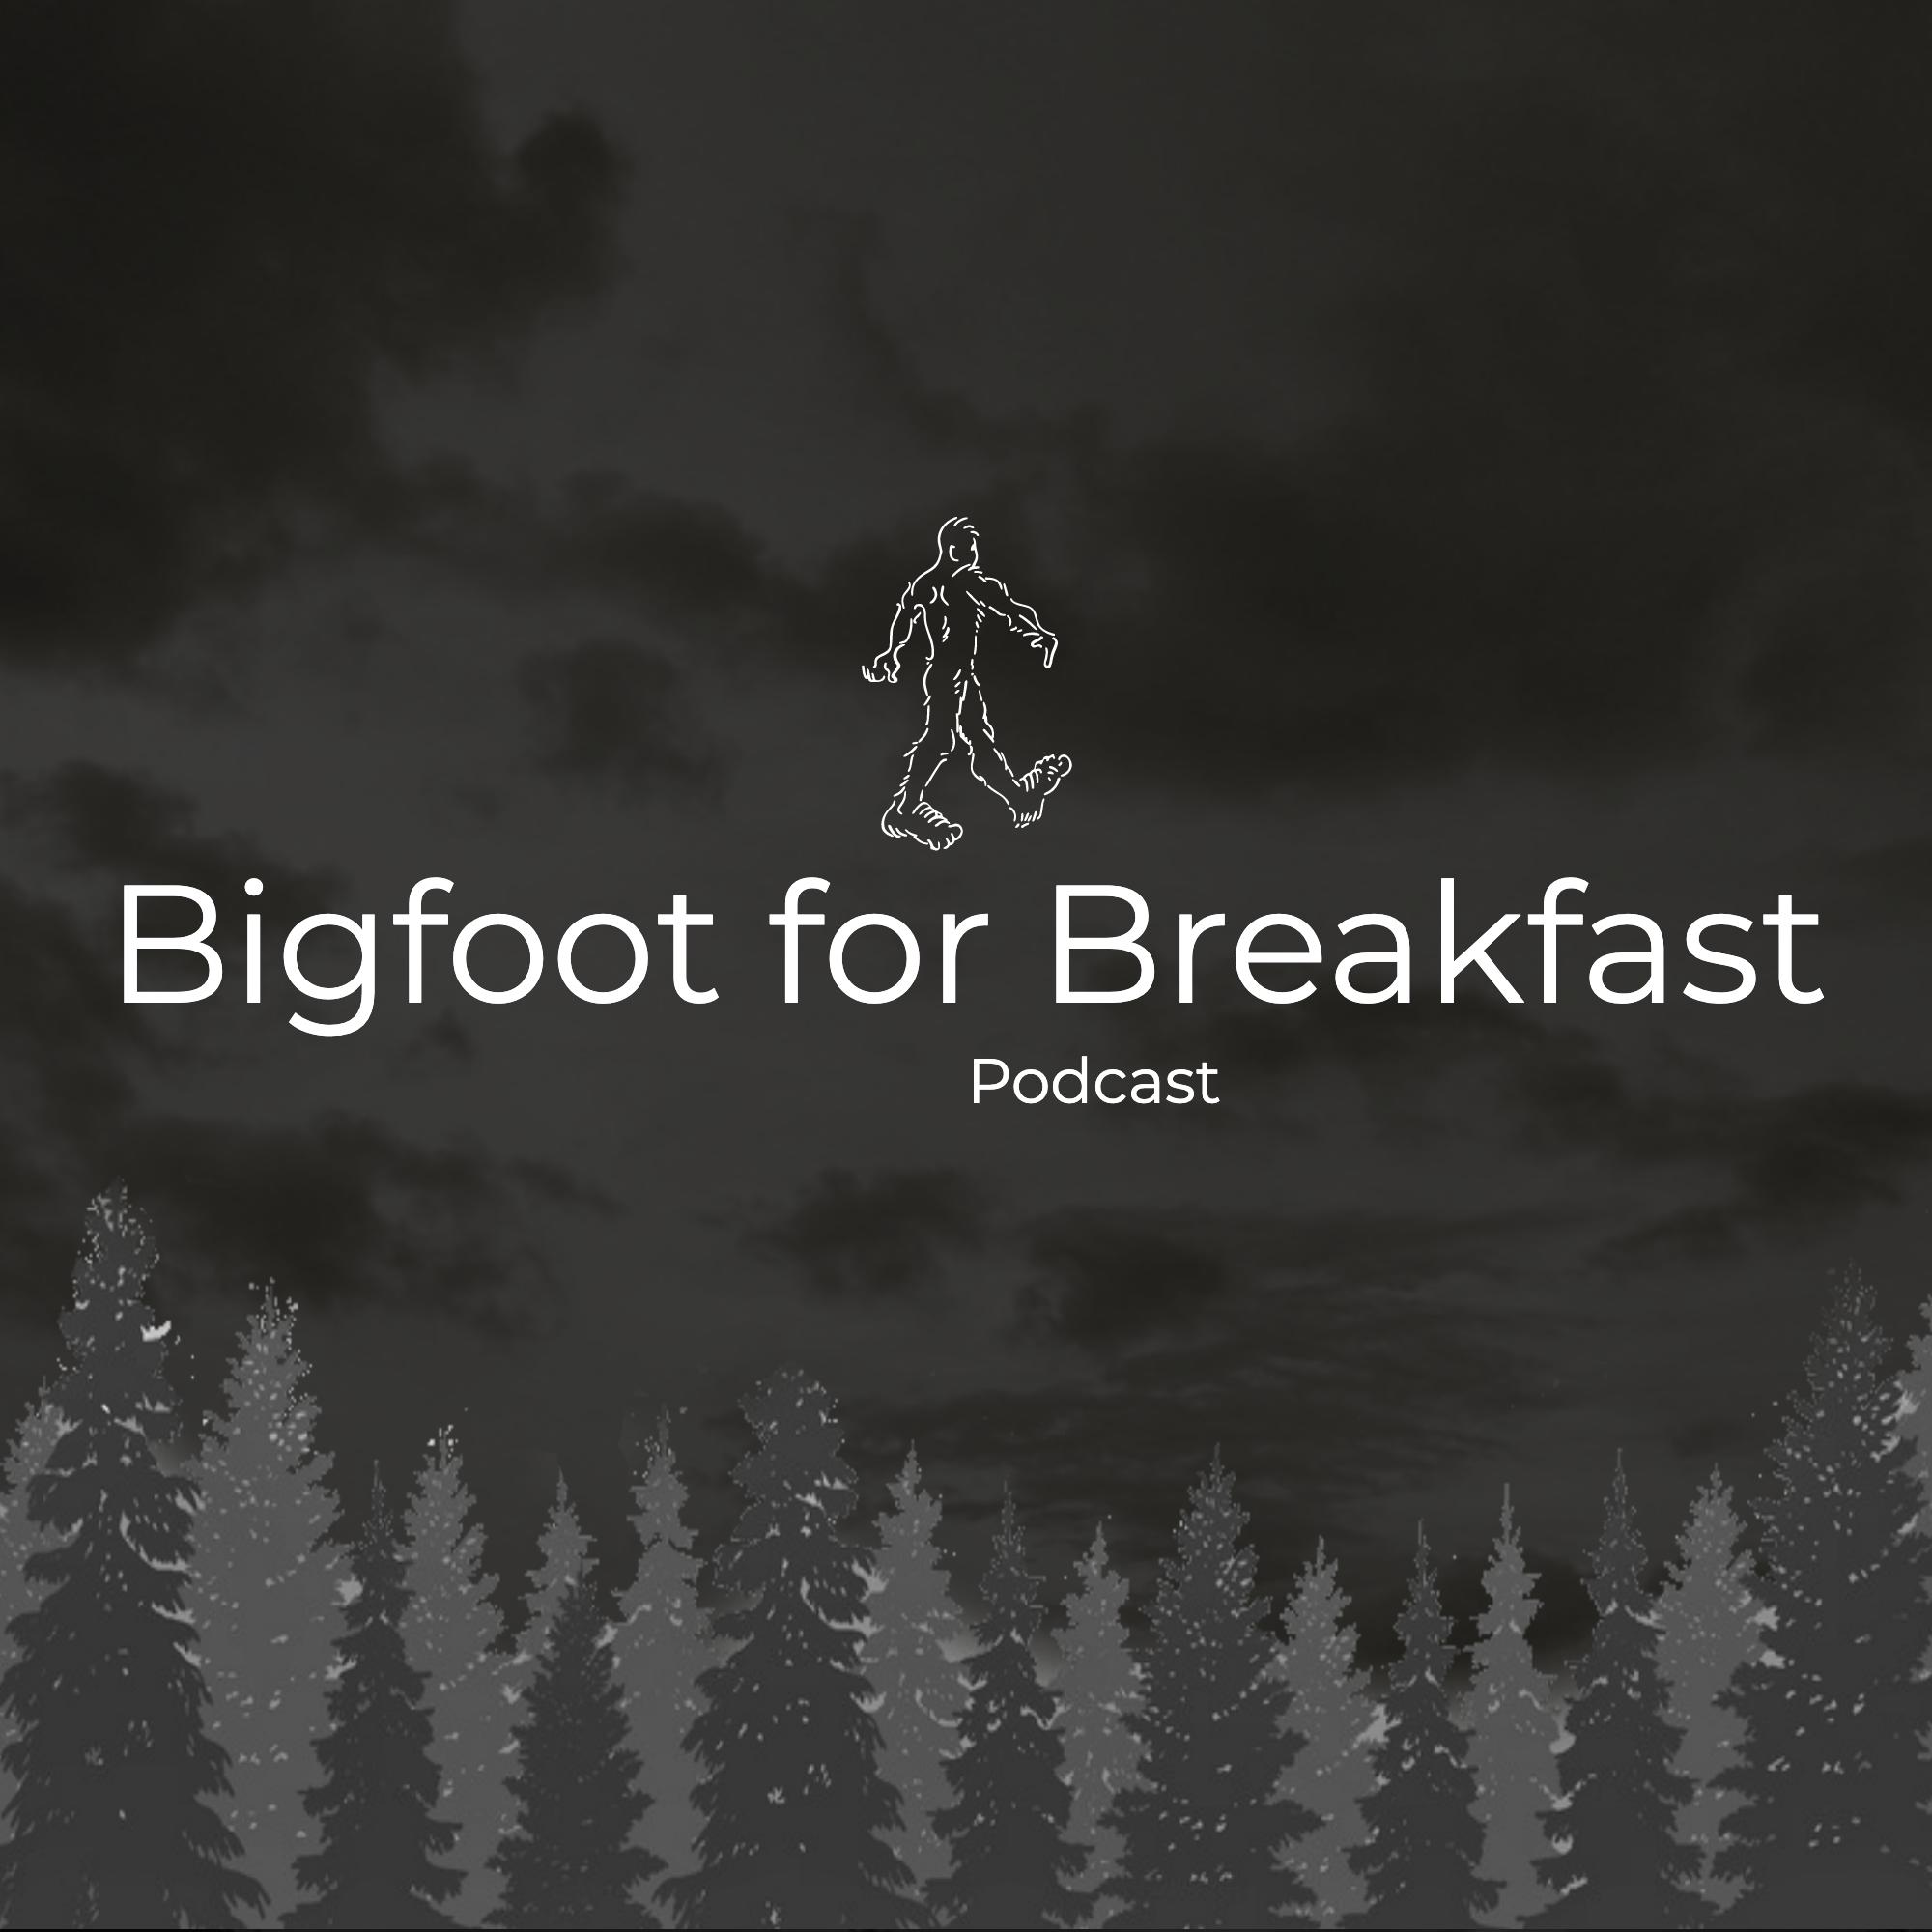 Bigfoot for Breakfast show art